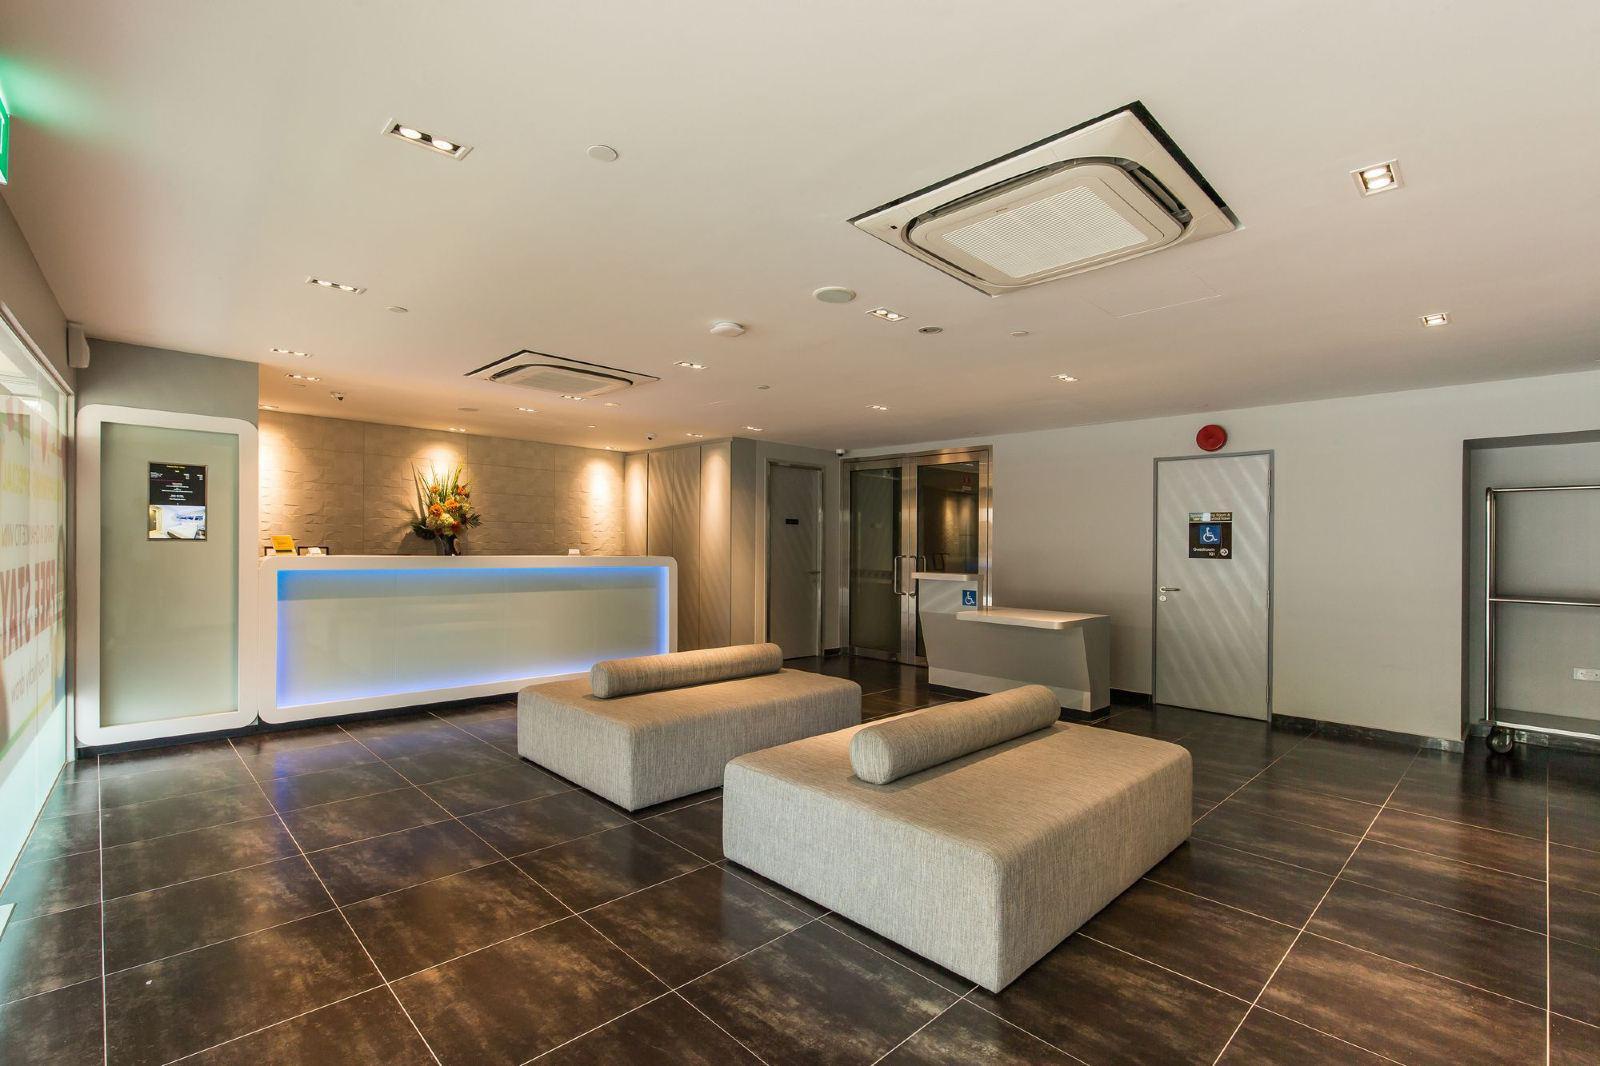 هتل فراگرنس سلگی سنگاپور